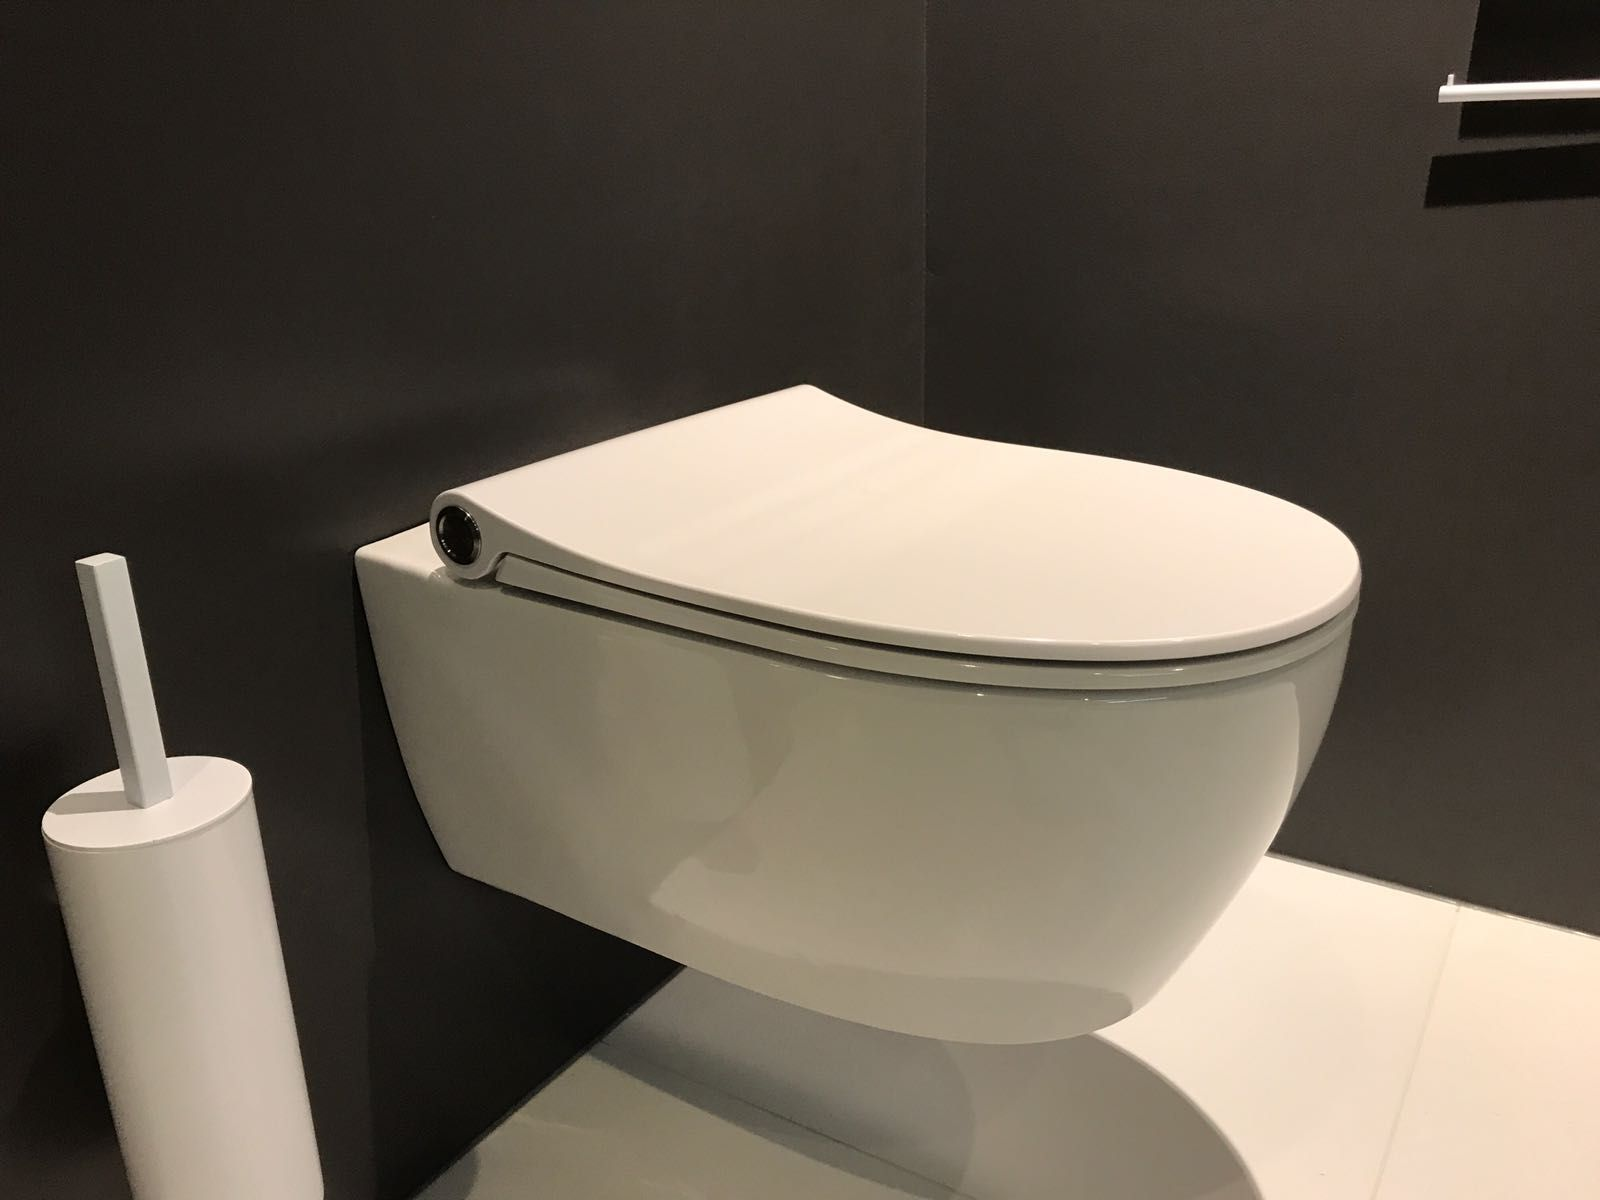 Sphinx Rimfree Toilet : Sphinx 345 wandcloset met zitting ideeën voor het huis pinterest